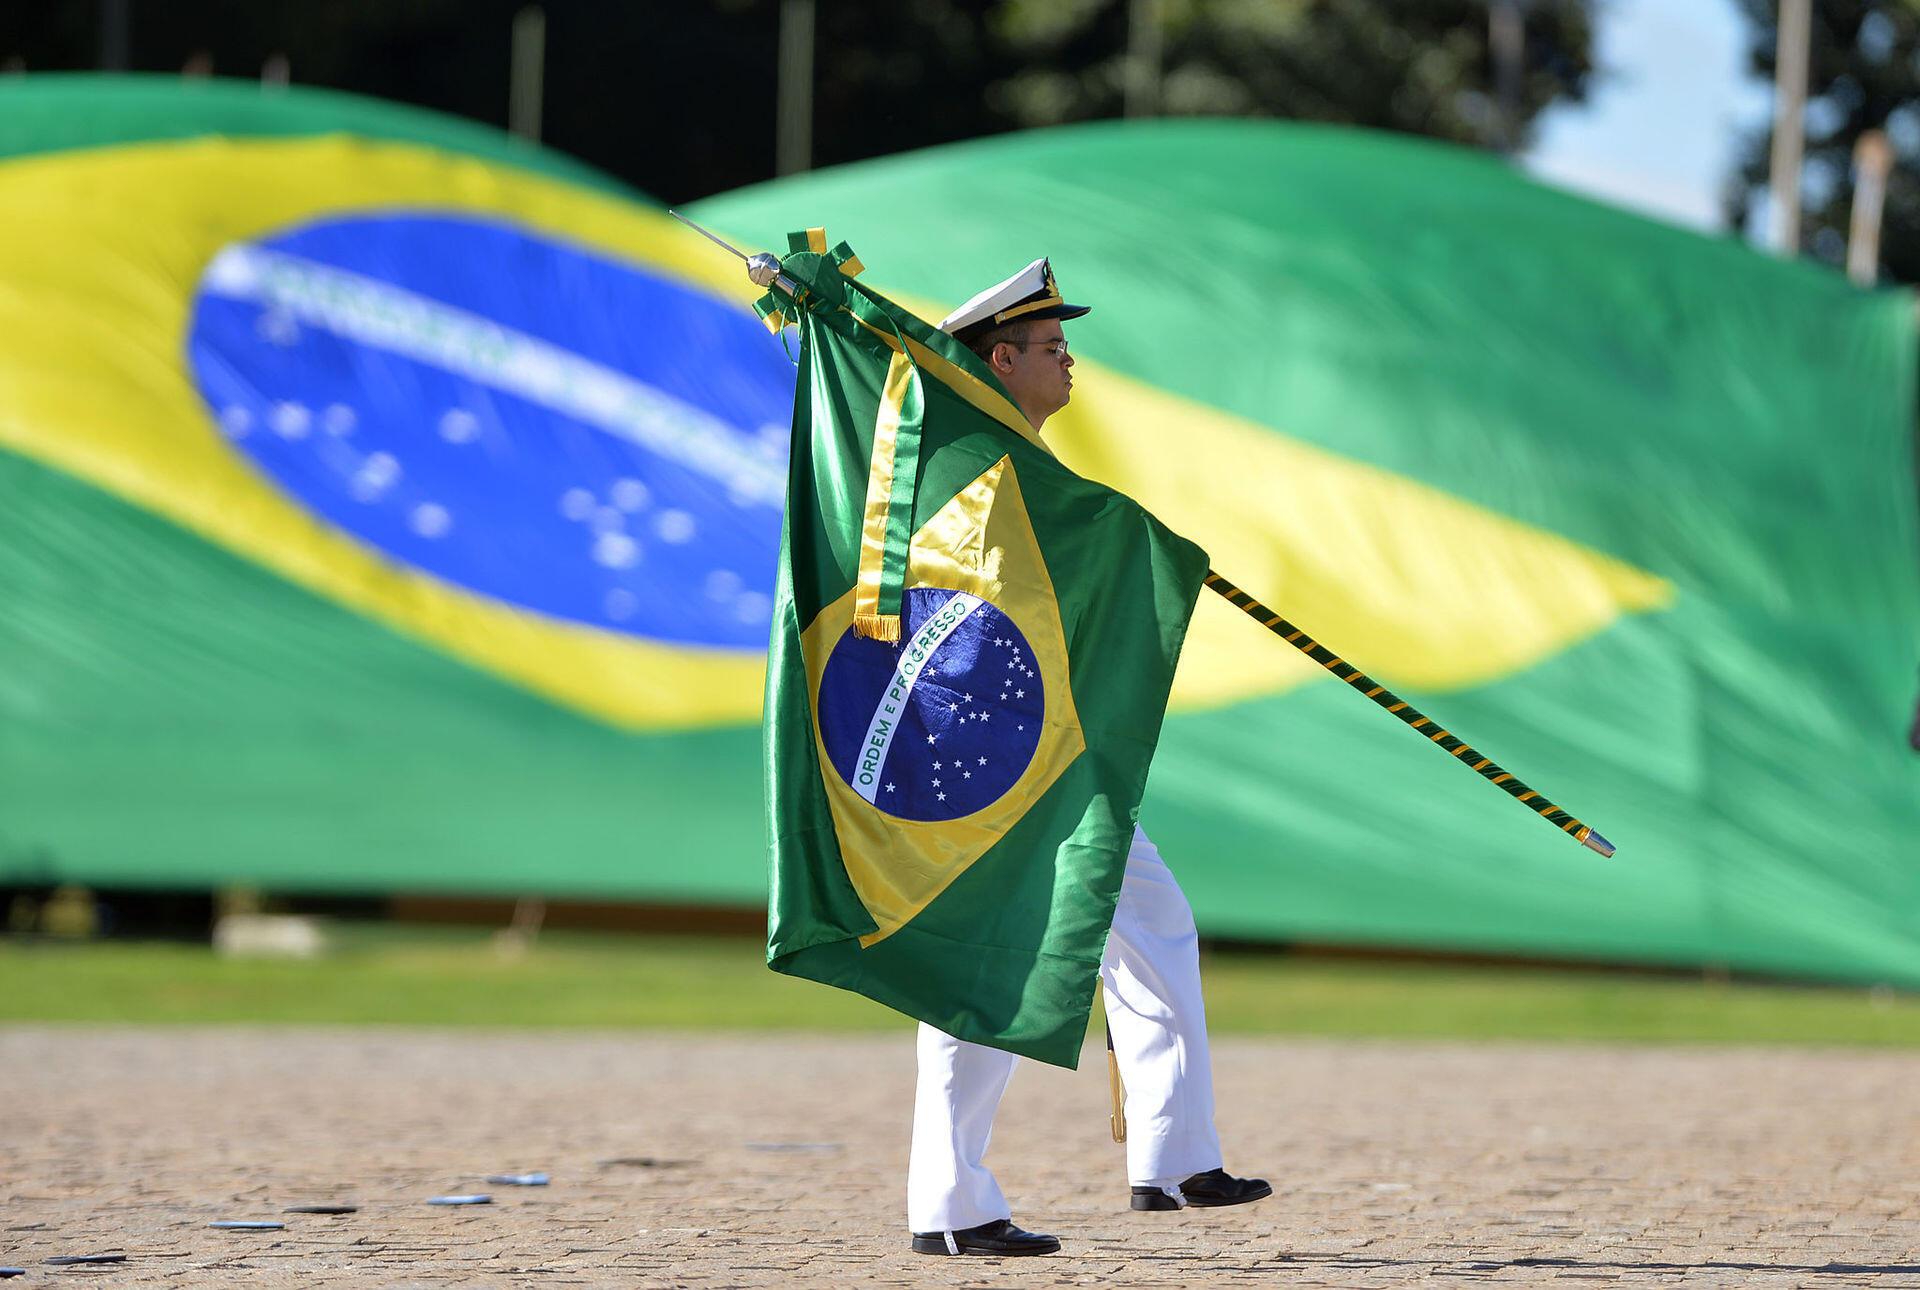 Governo do Brasil quer utilizar símbolos nacionais para incentivar patriotismo nas escolas.